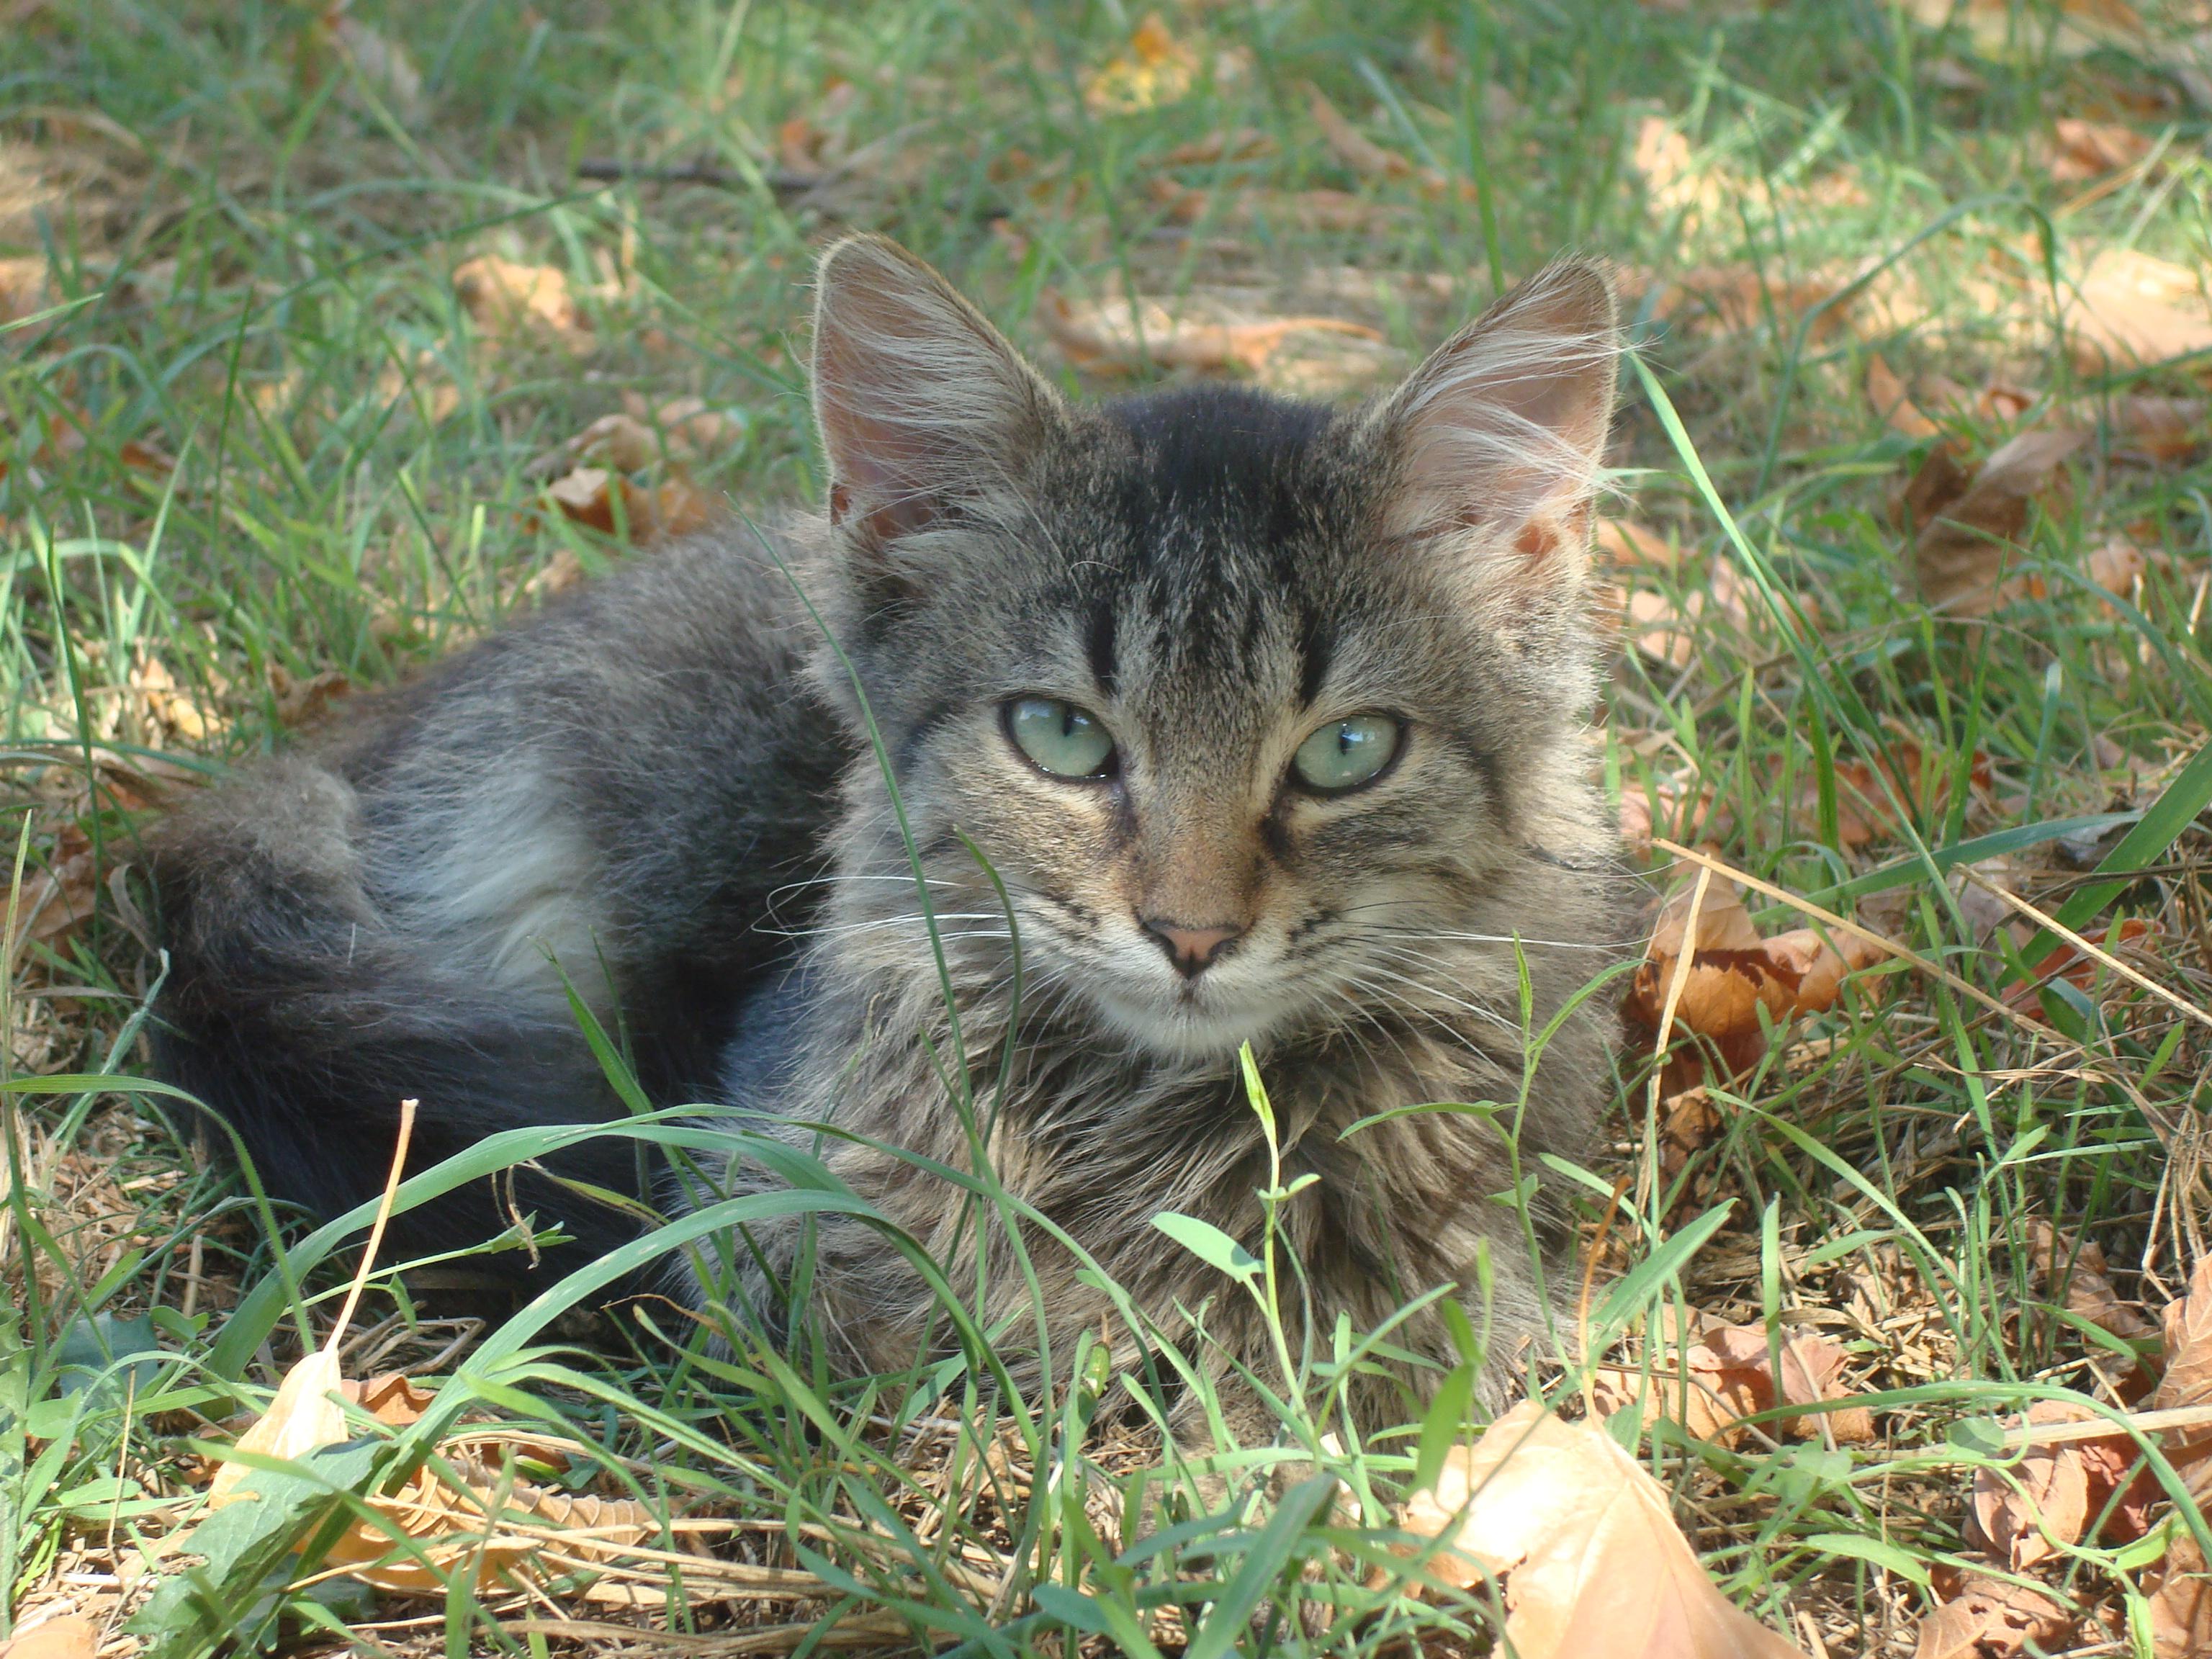 Urban cat photo